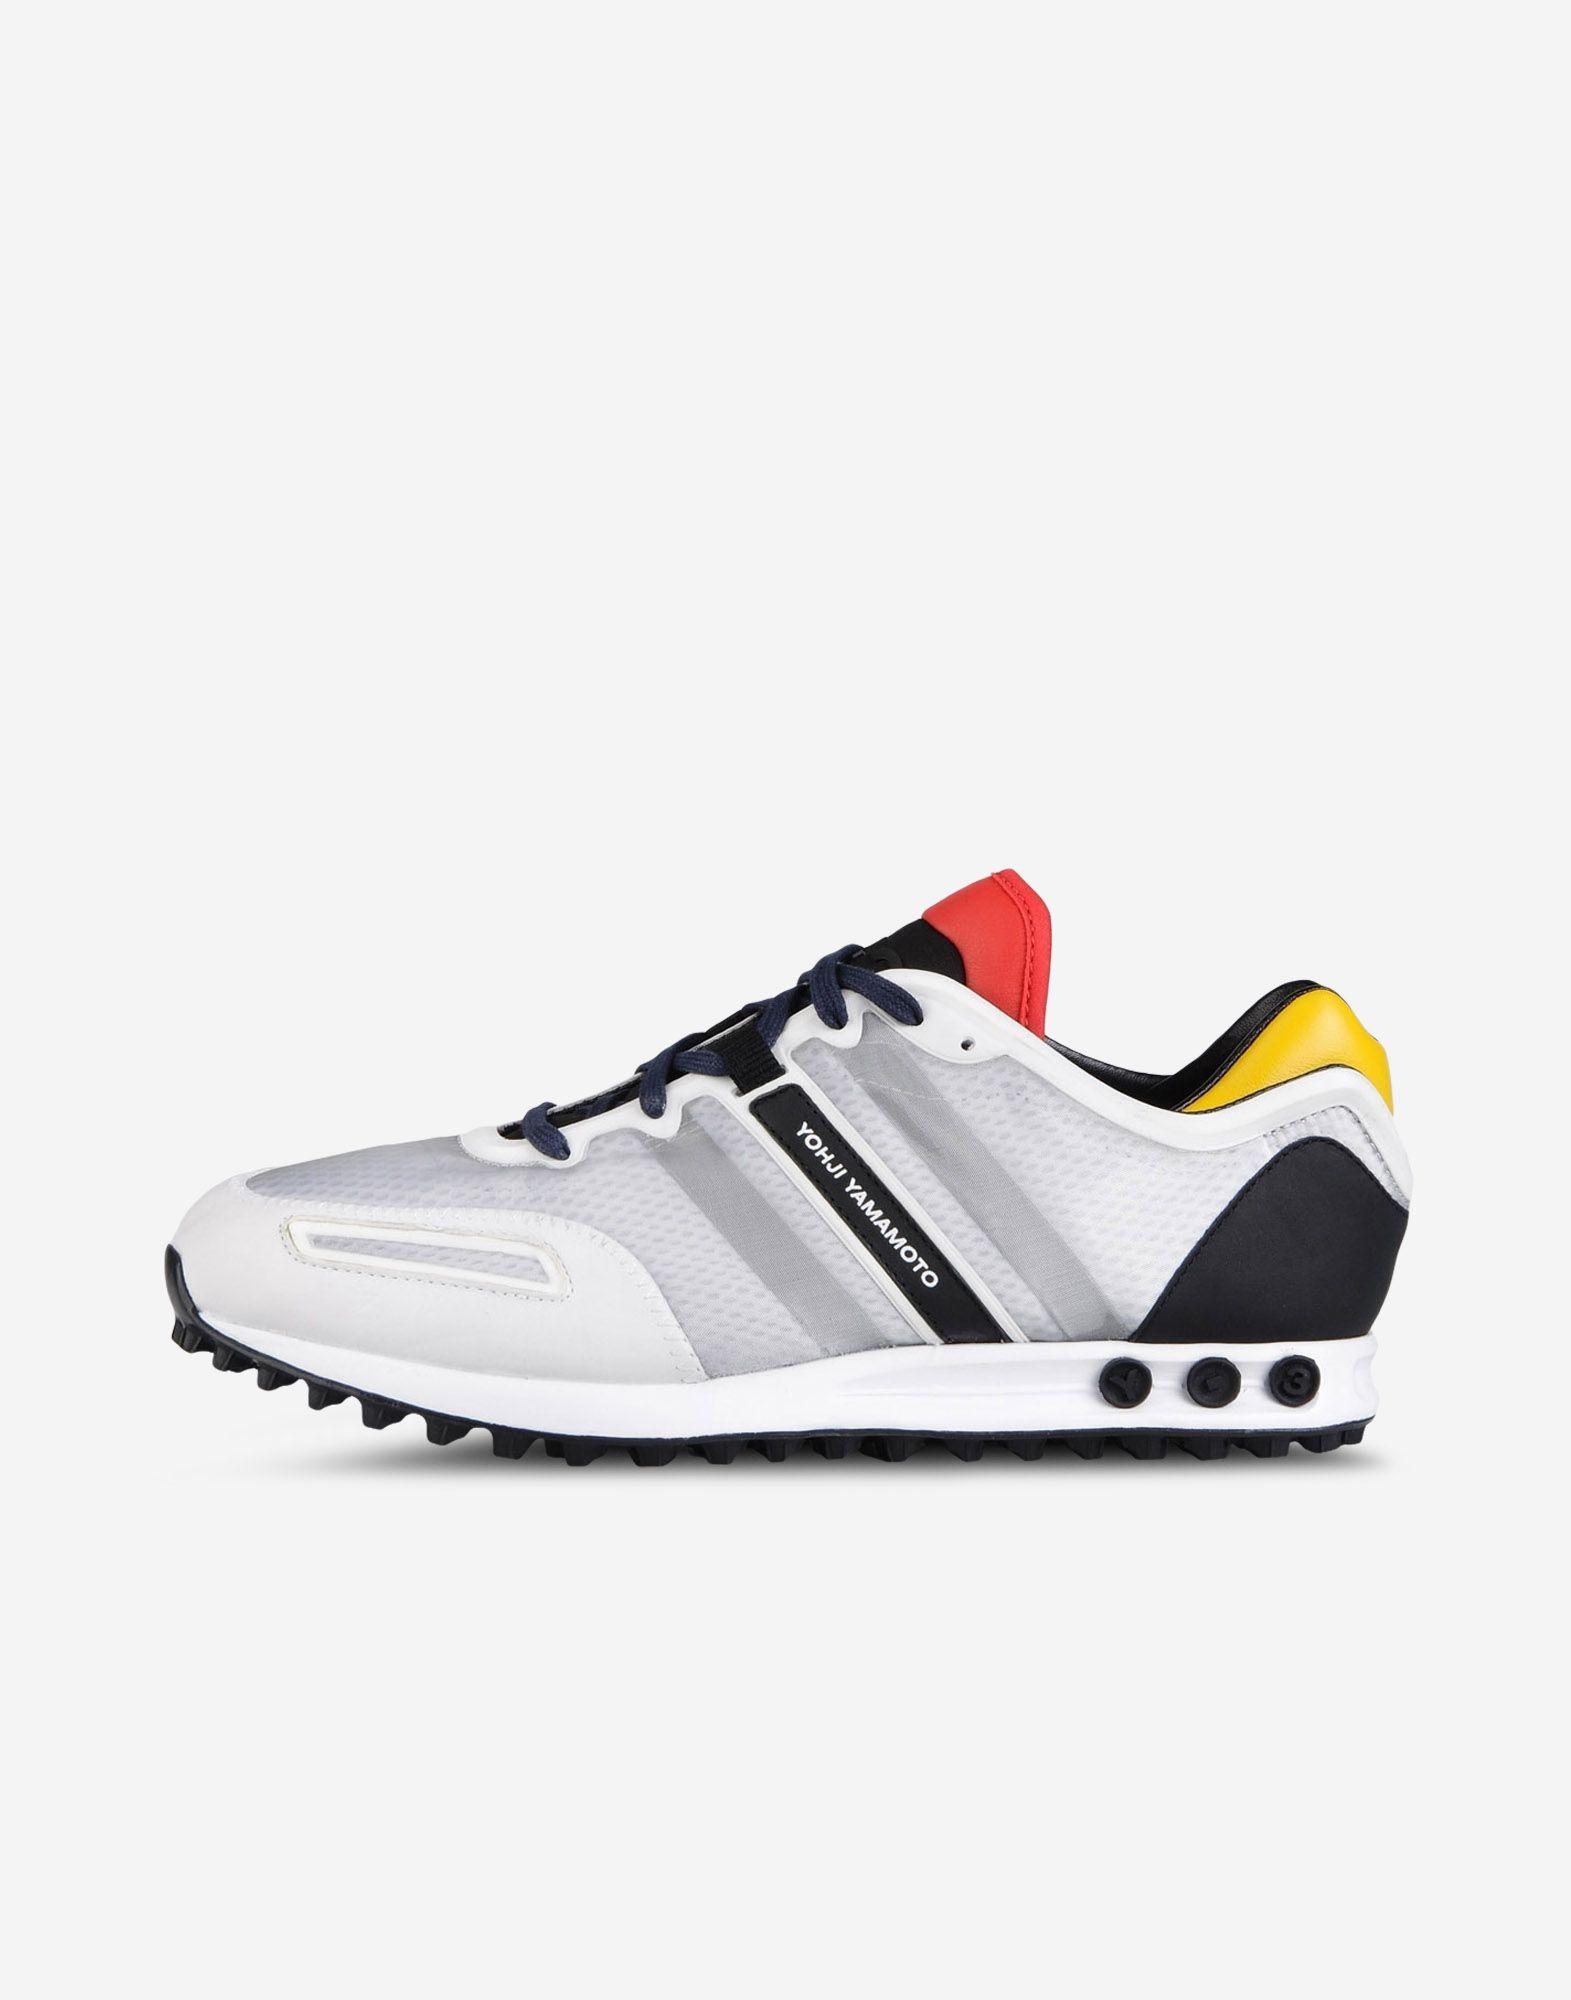 adidas tokio trainers